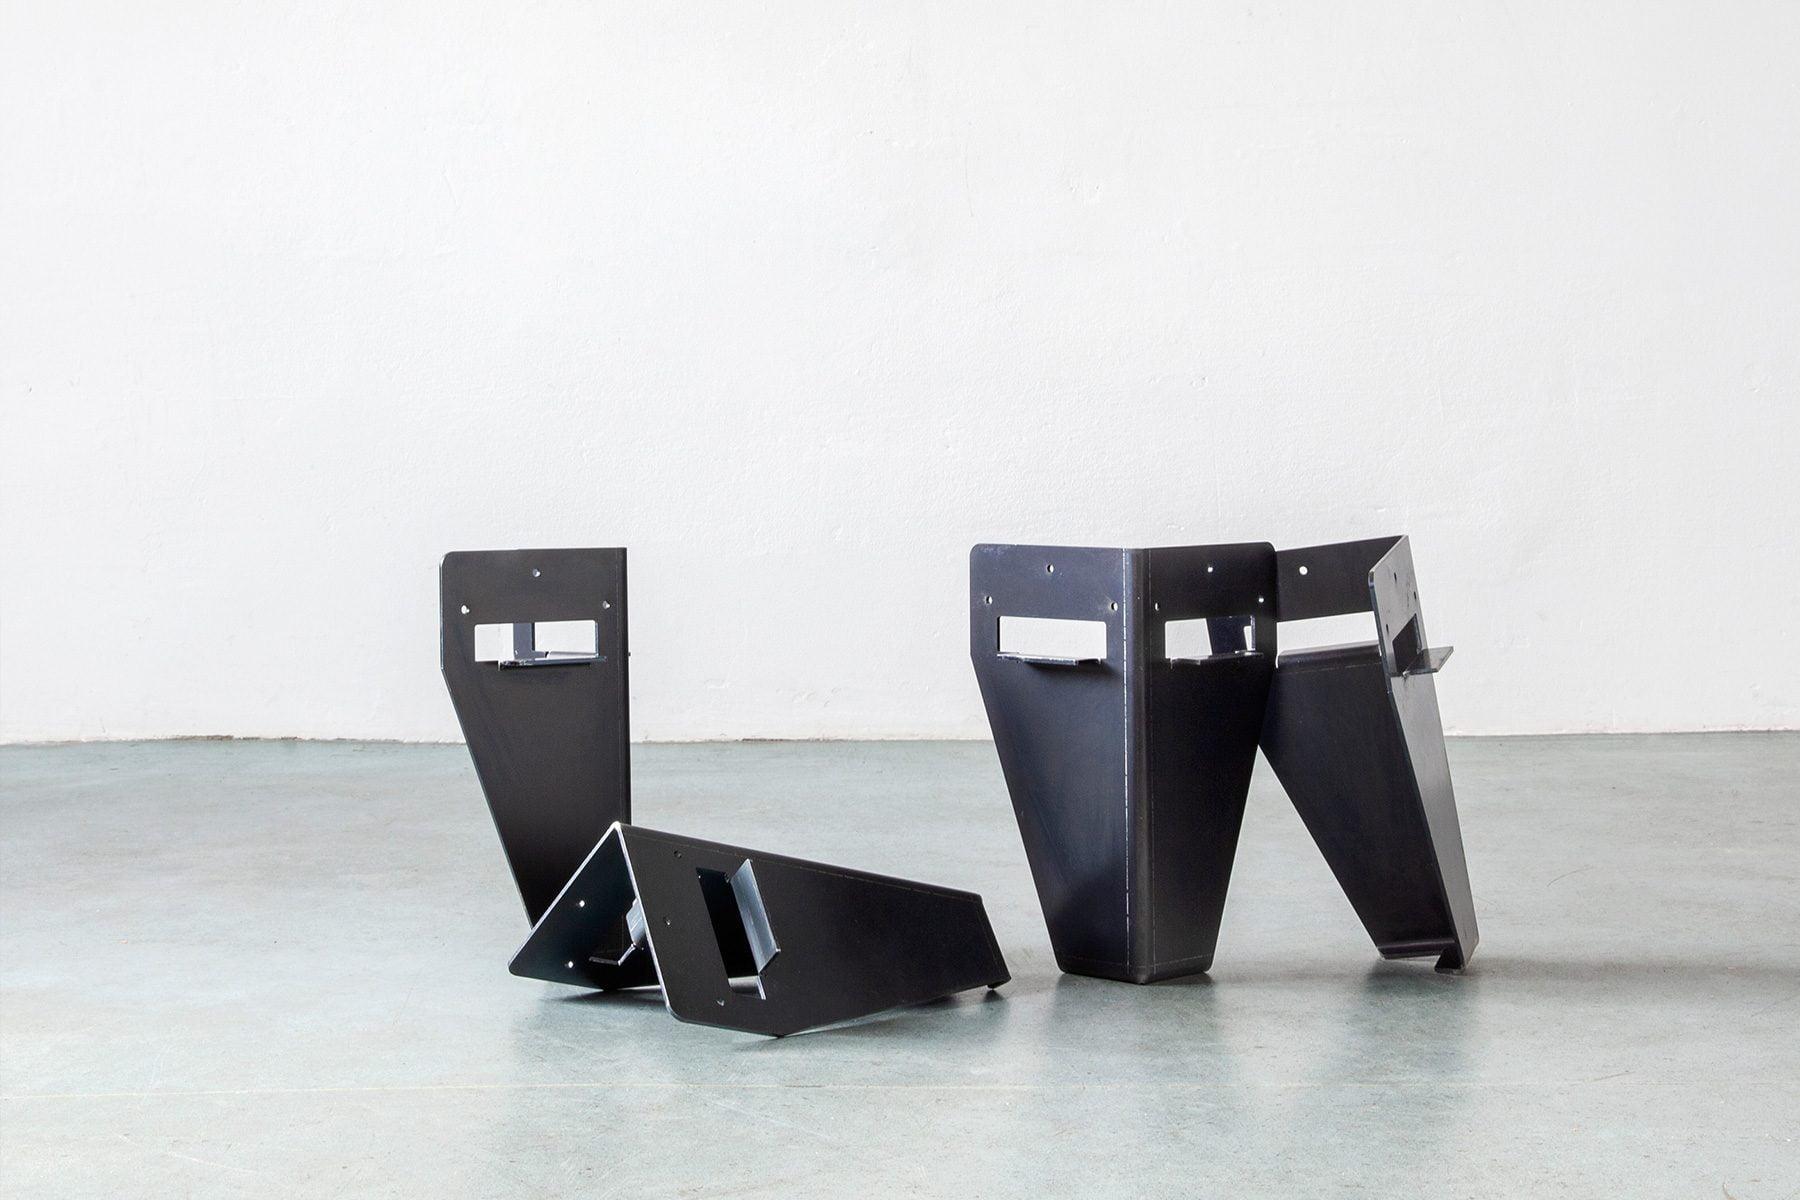 UpCycle Berlin Set Bettbeine aus Stahl als Selbstbausatz DIY